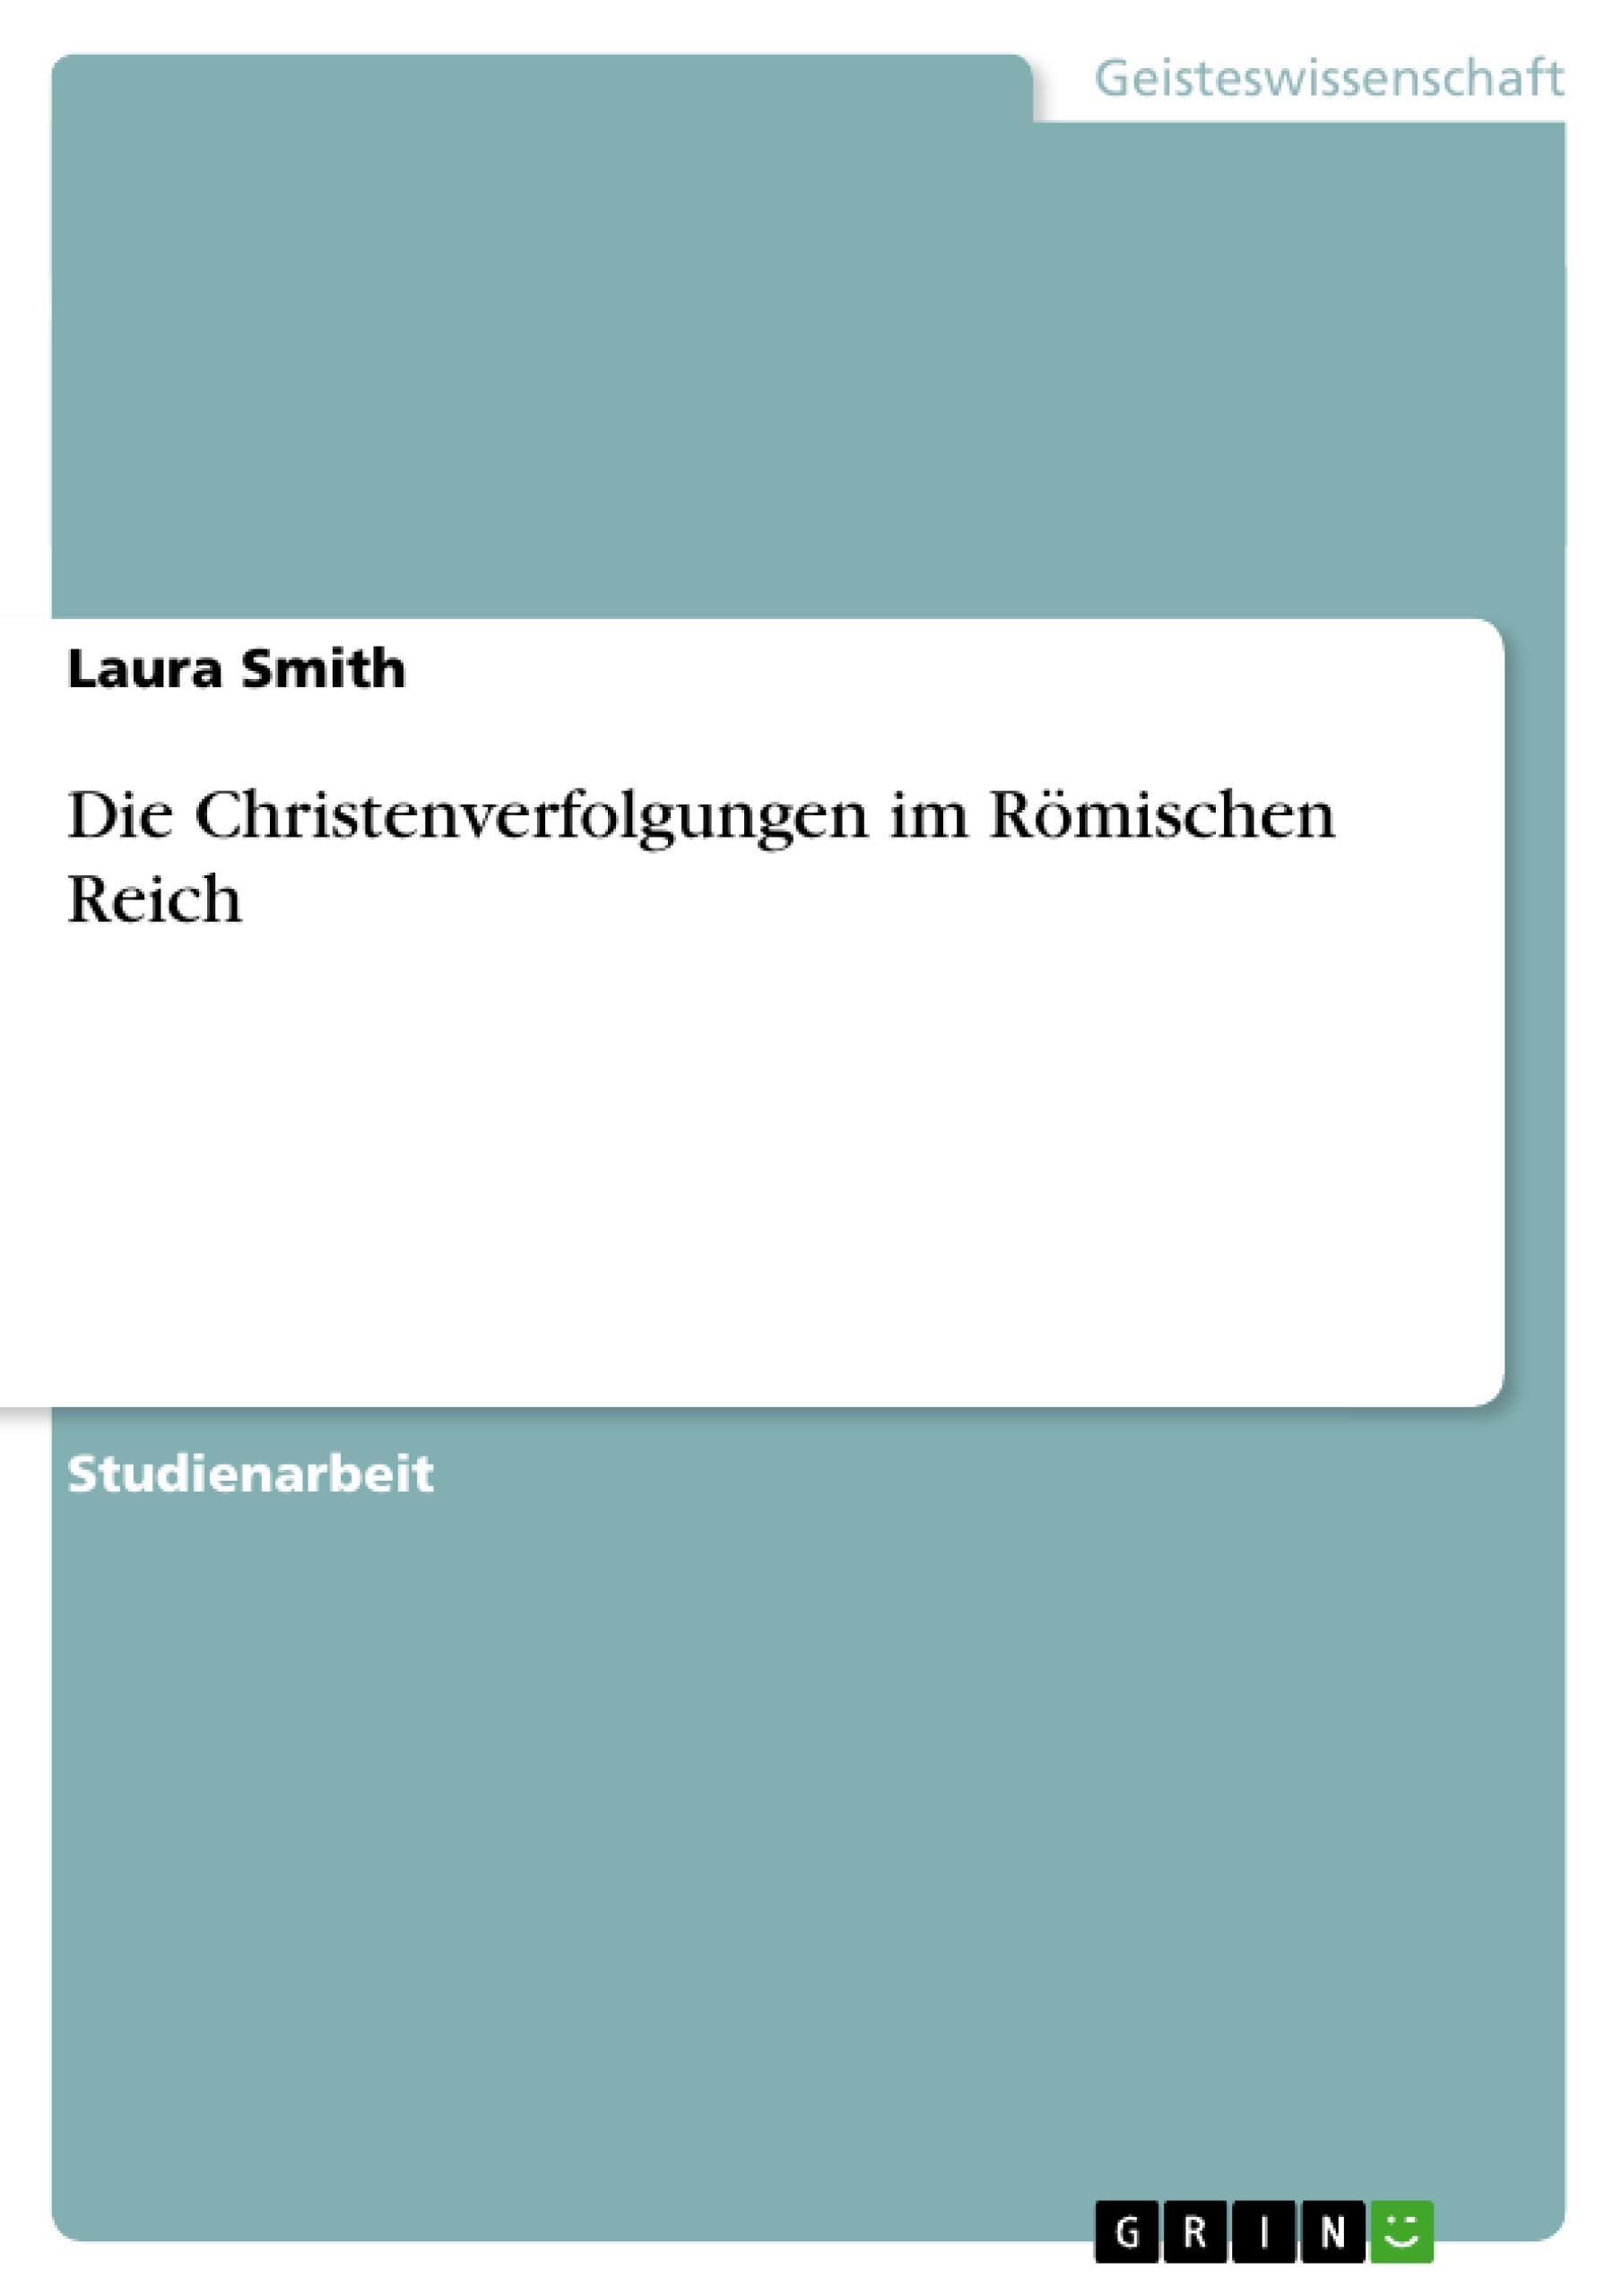 Die Christenverfolgungen im Römischen Reich Laura Smith